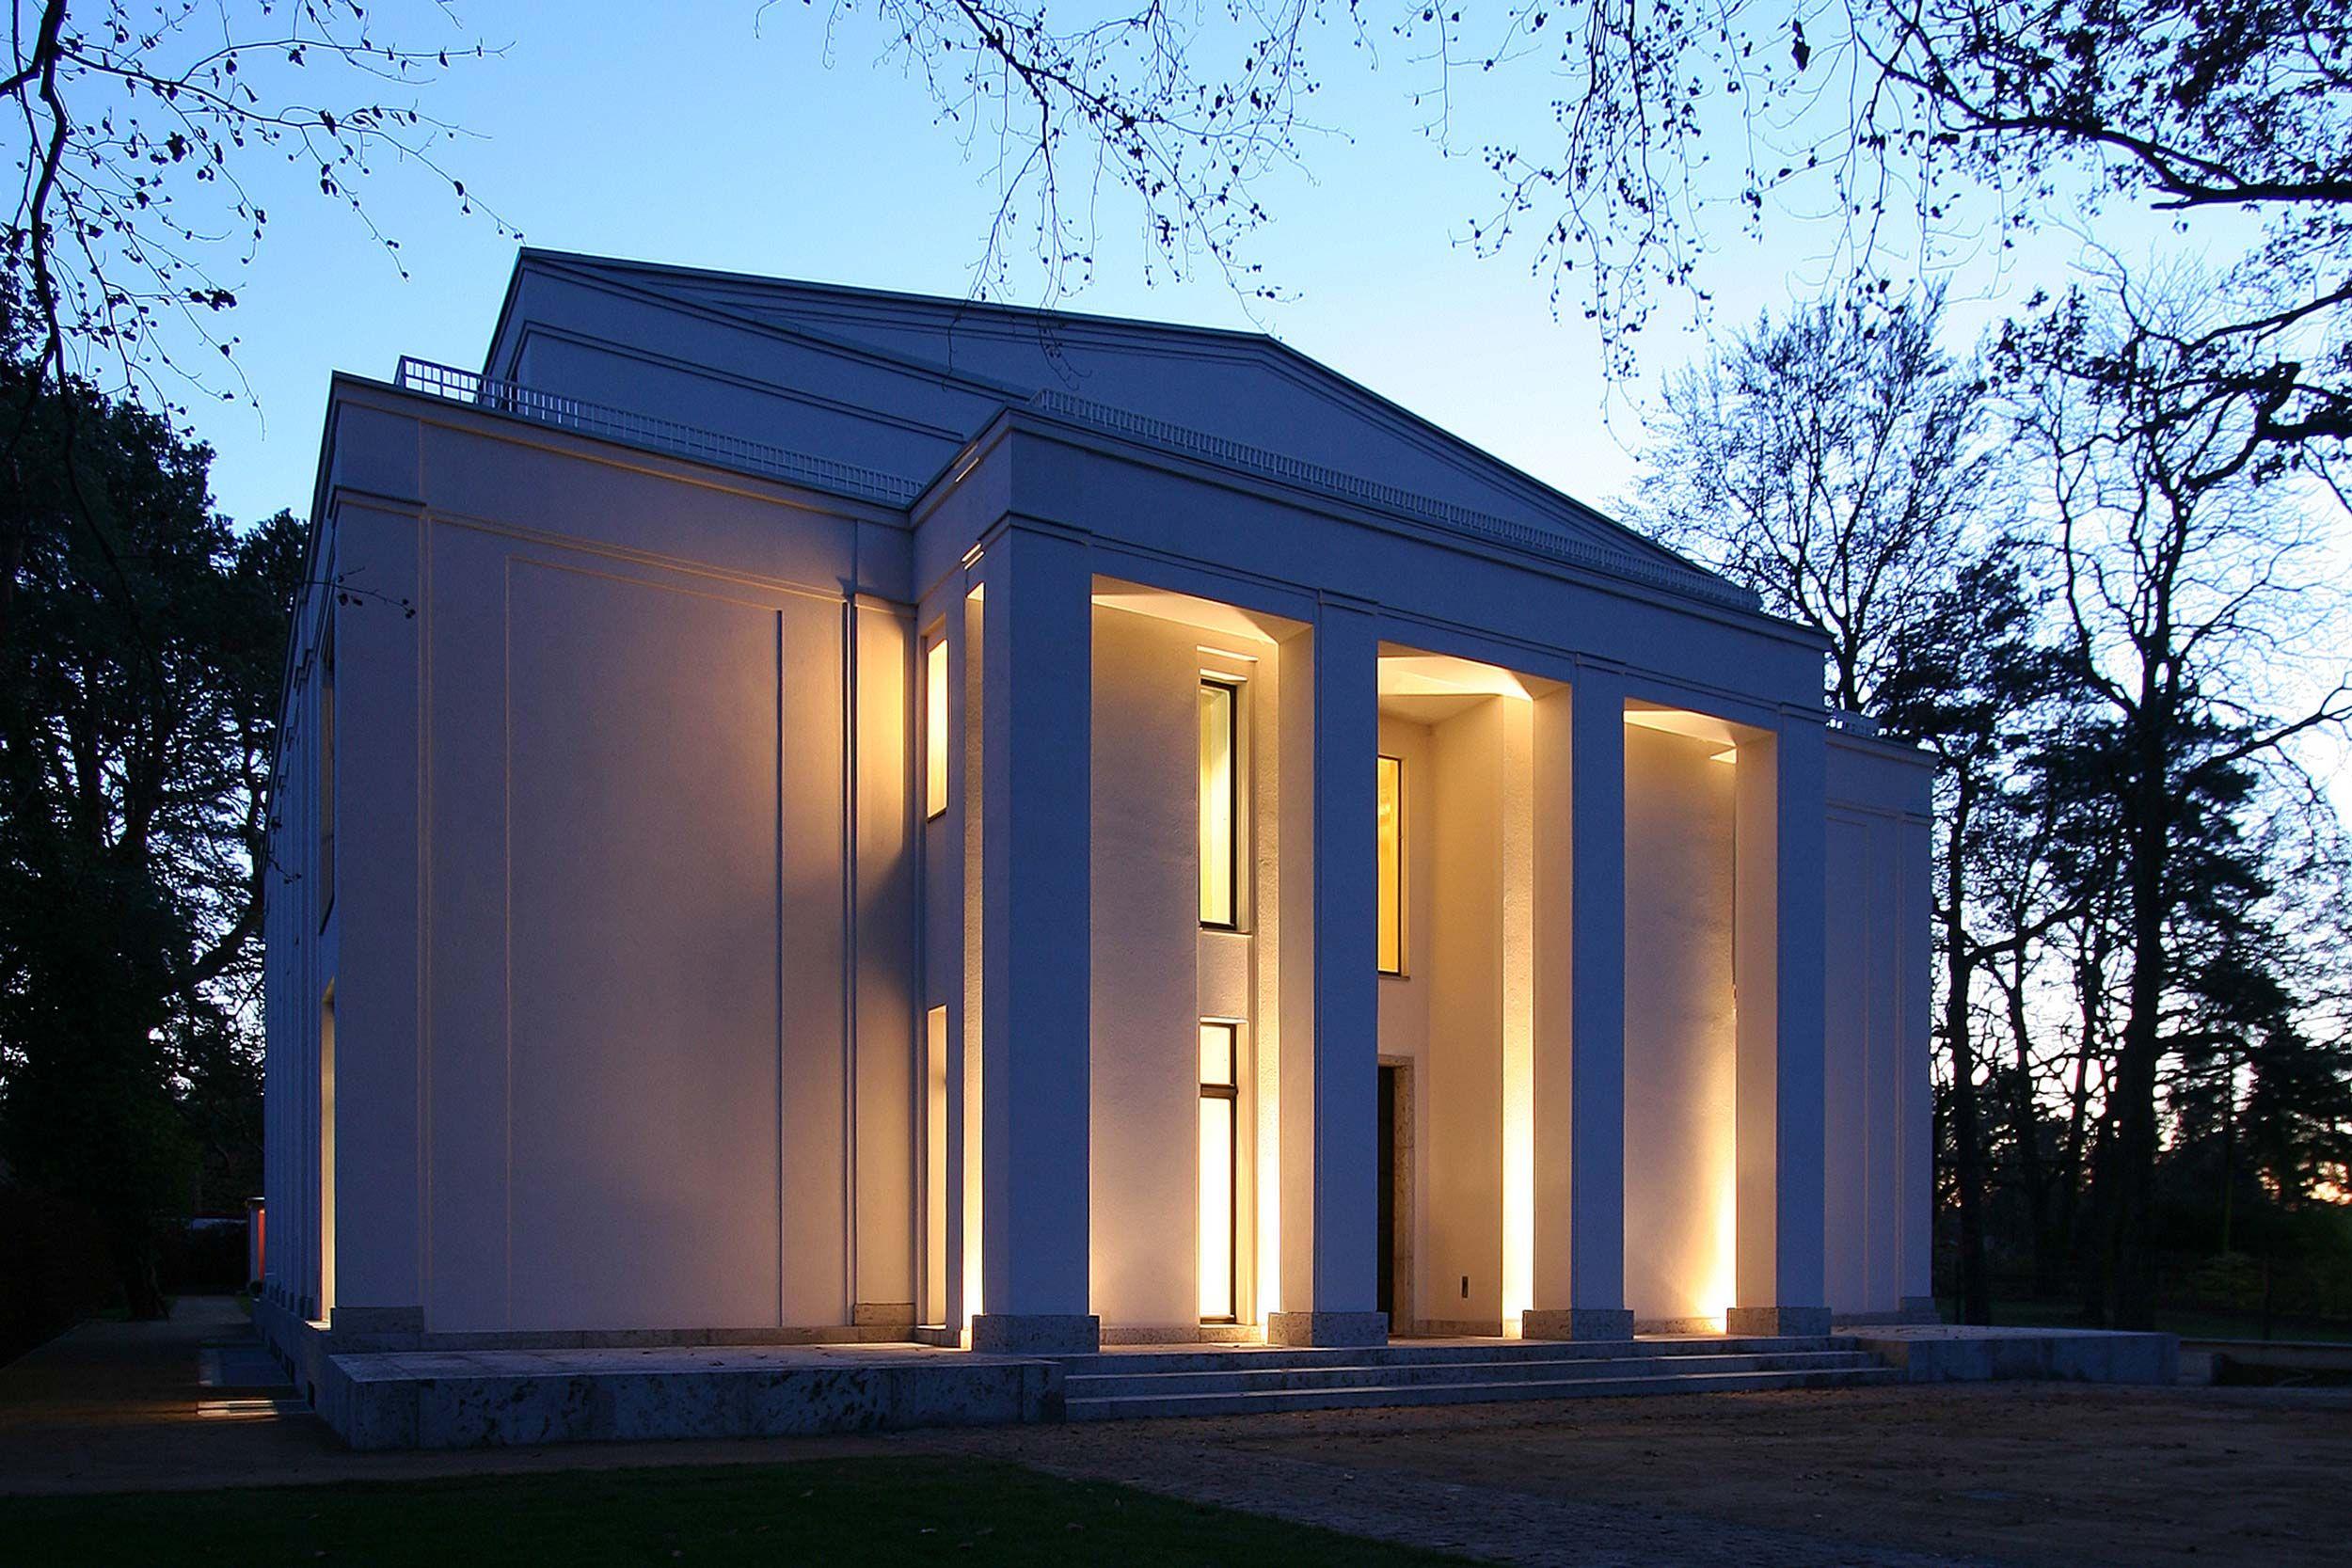 Neubau einer Villa im neoklassizistischen Stil - Antike Patio-Häuser ...